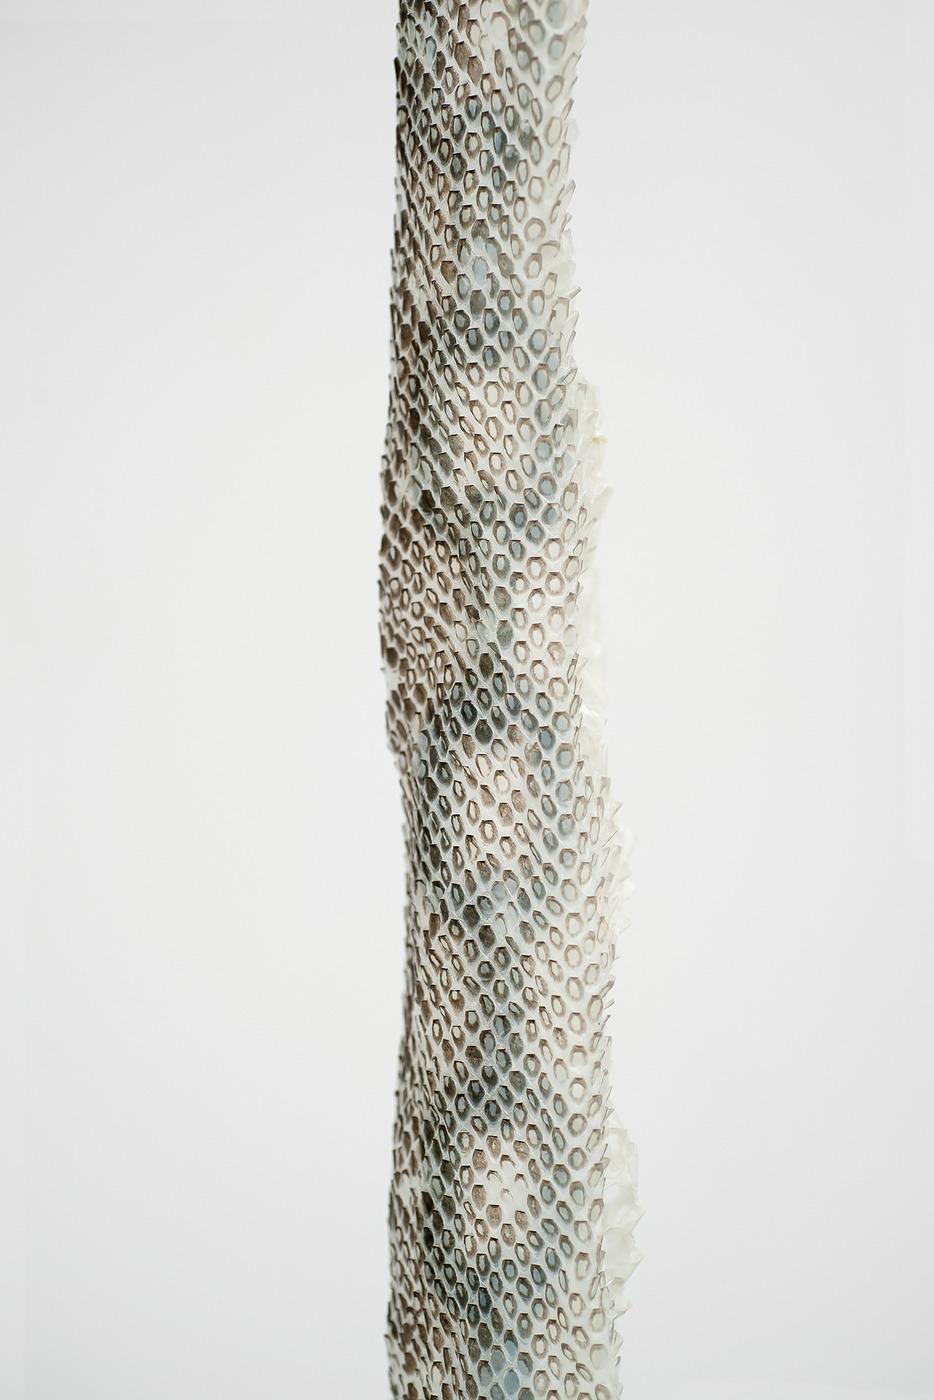 Column 02 (low)